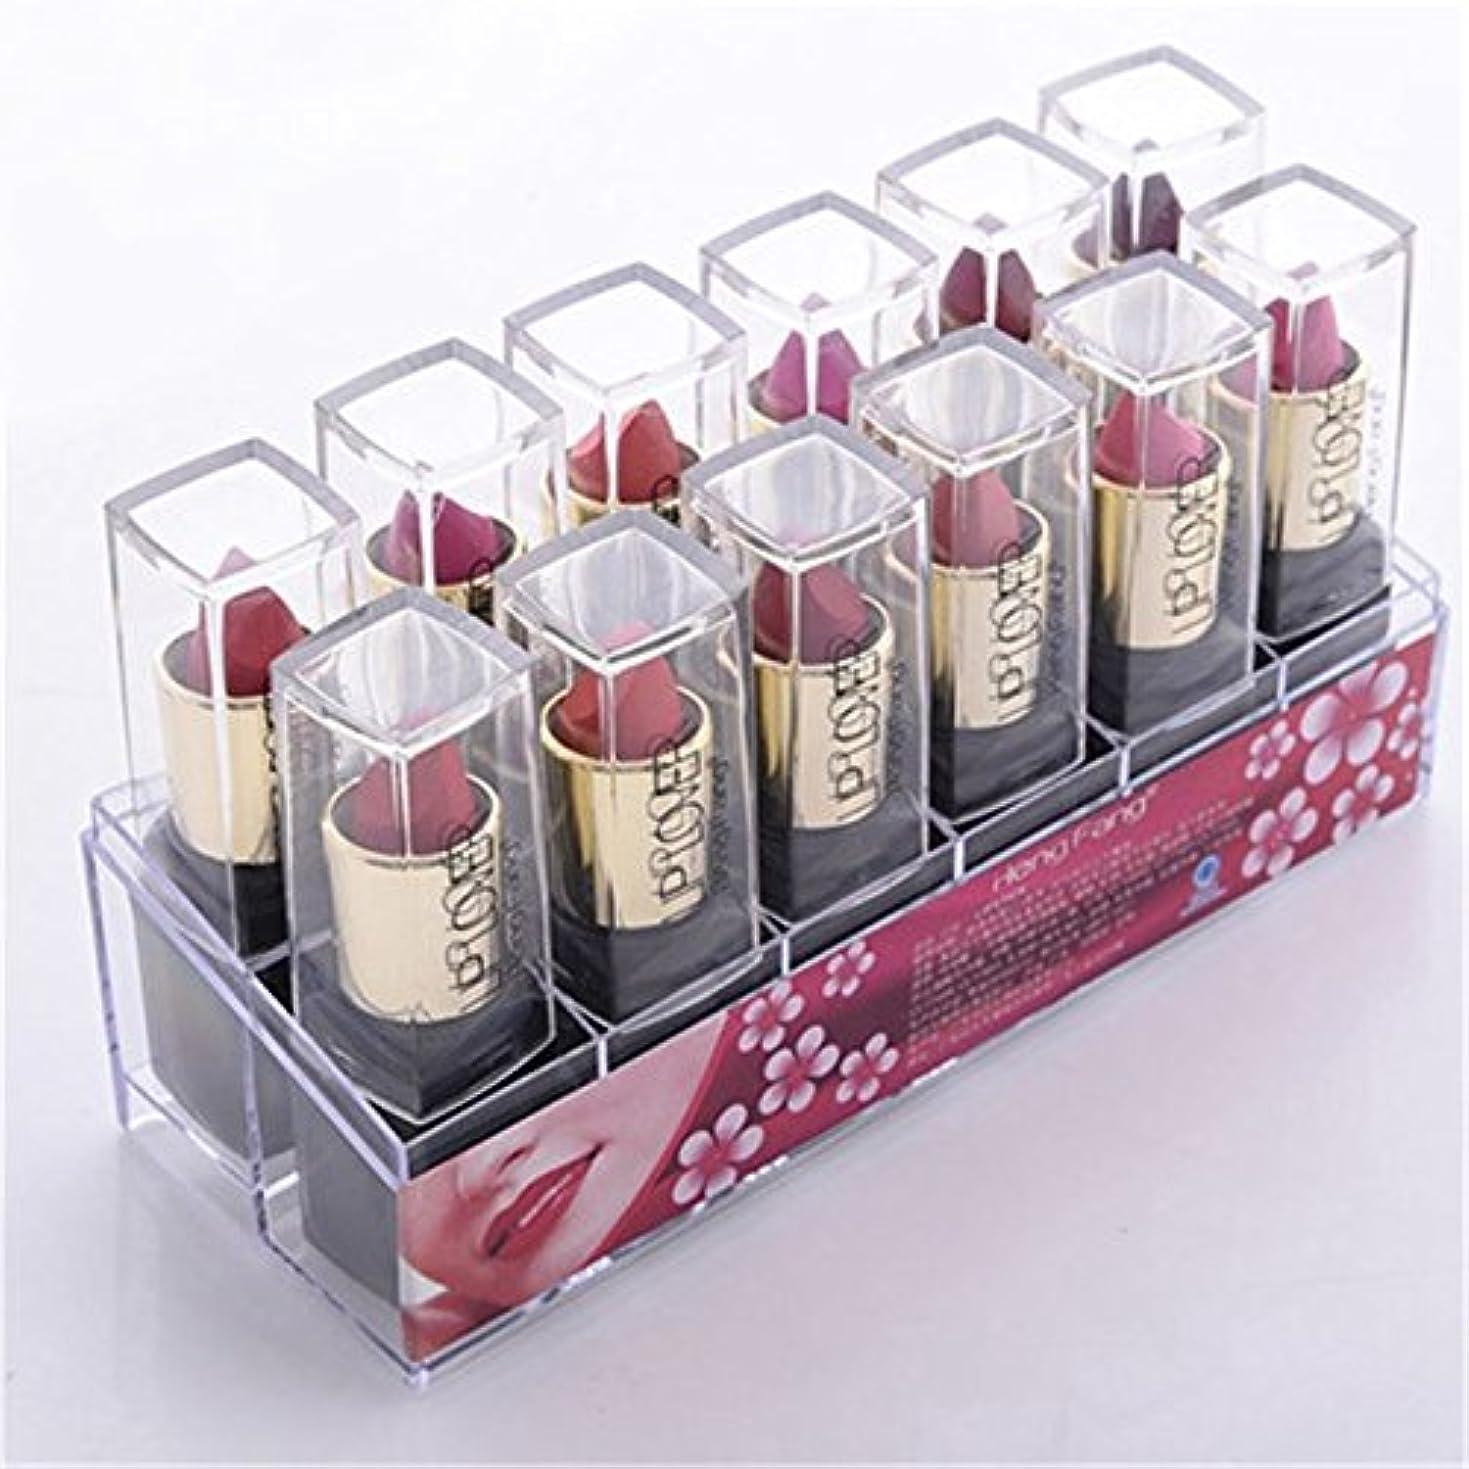 キャプチャー私の誕生2017 New 12pcs/set Lipsticks Sex Nude Lip Matte Kits Long Lasting Waterproof Pigment Matte Makeup Lipstick Set...